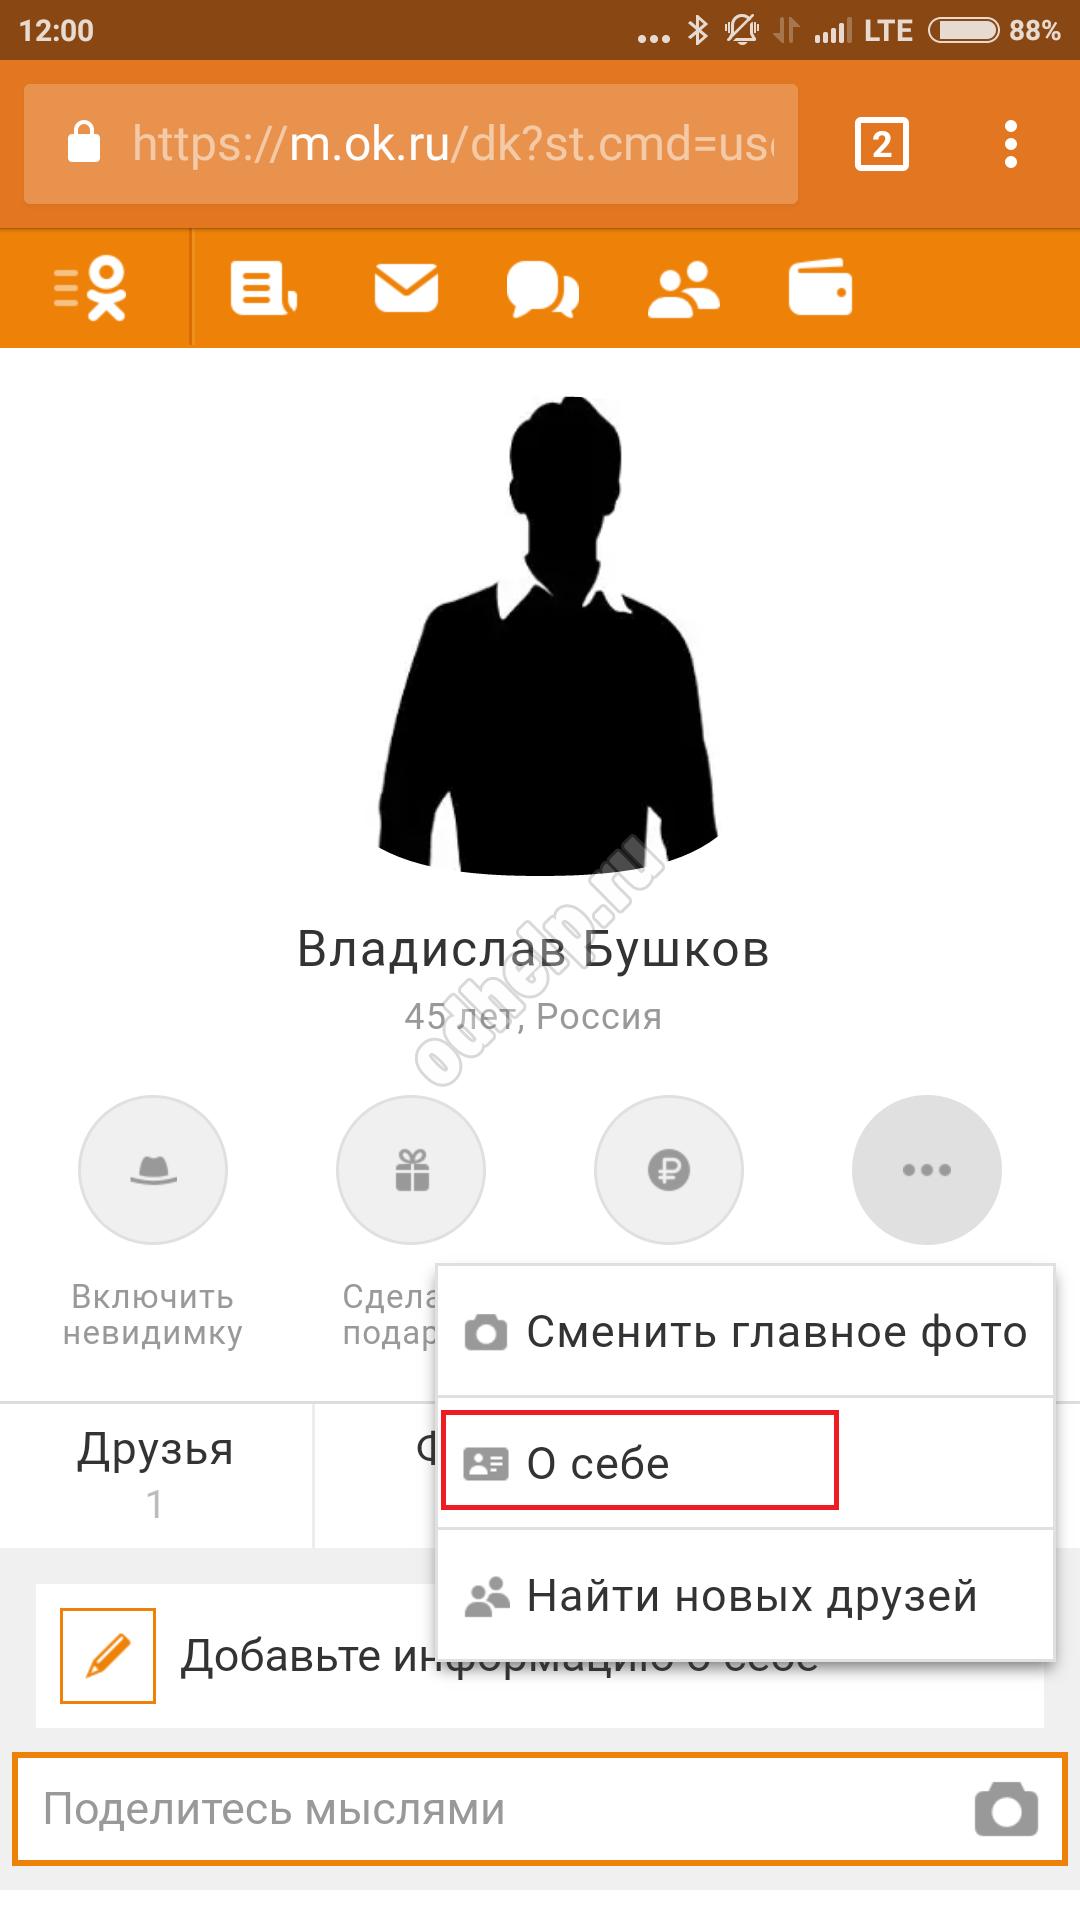 """Гостиница """"Онего Палас"""" 4 - Официальный сайт отеля в 61"""